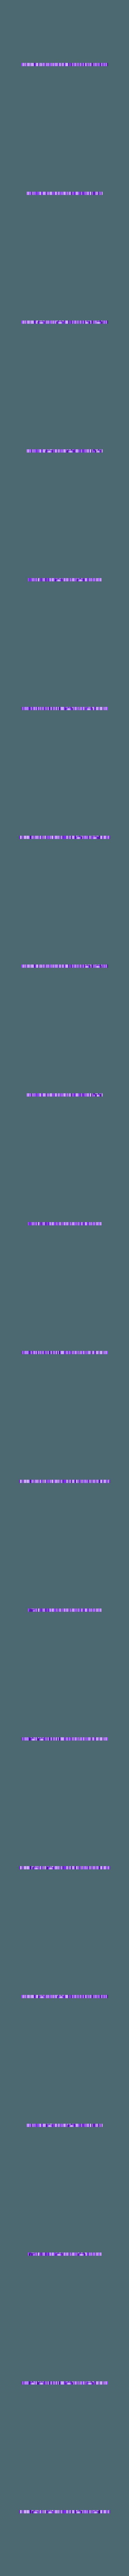 Central_body_x1.stl Télécharger fichier STL gratuit Collier de juge Q • Objet à imprimer en 3D, poblocki1982